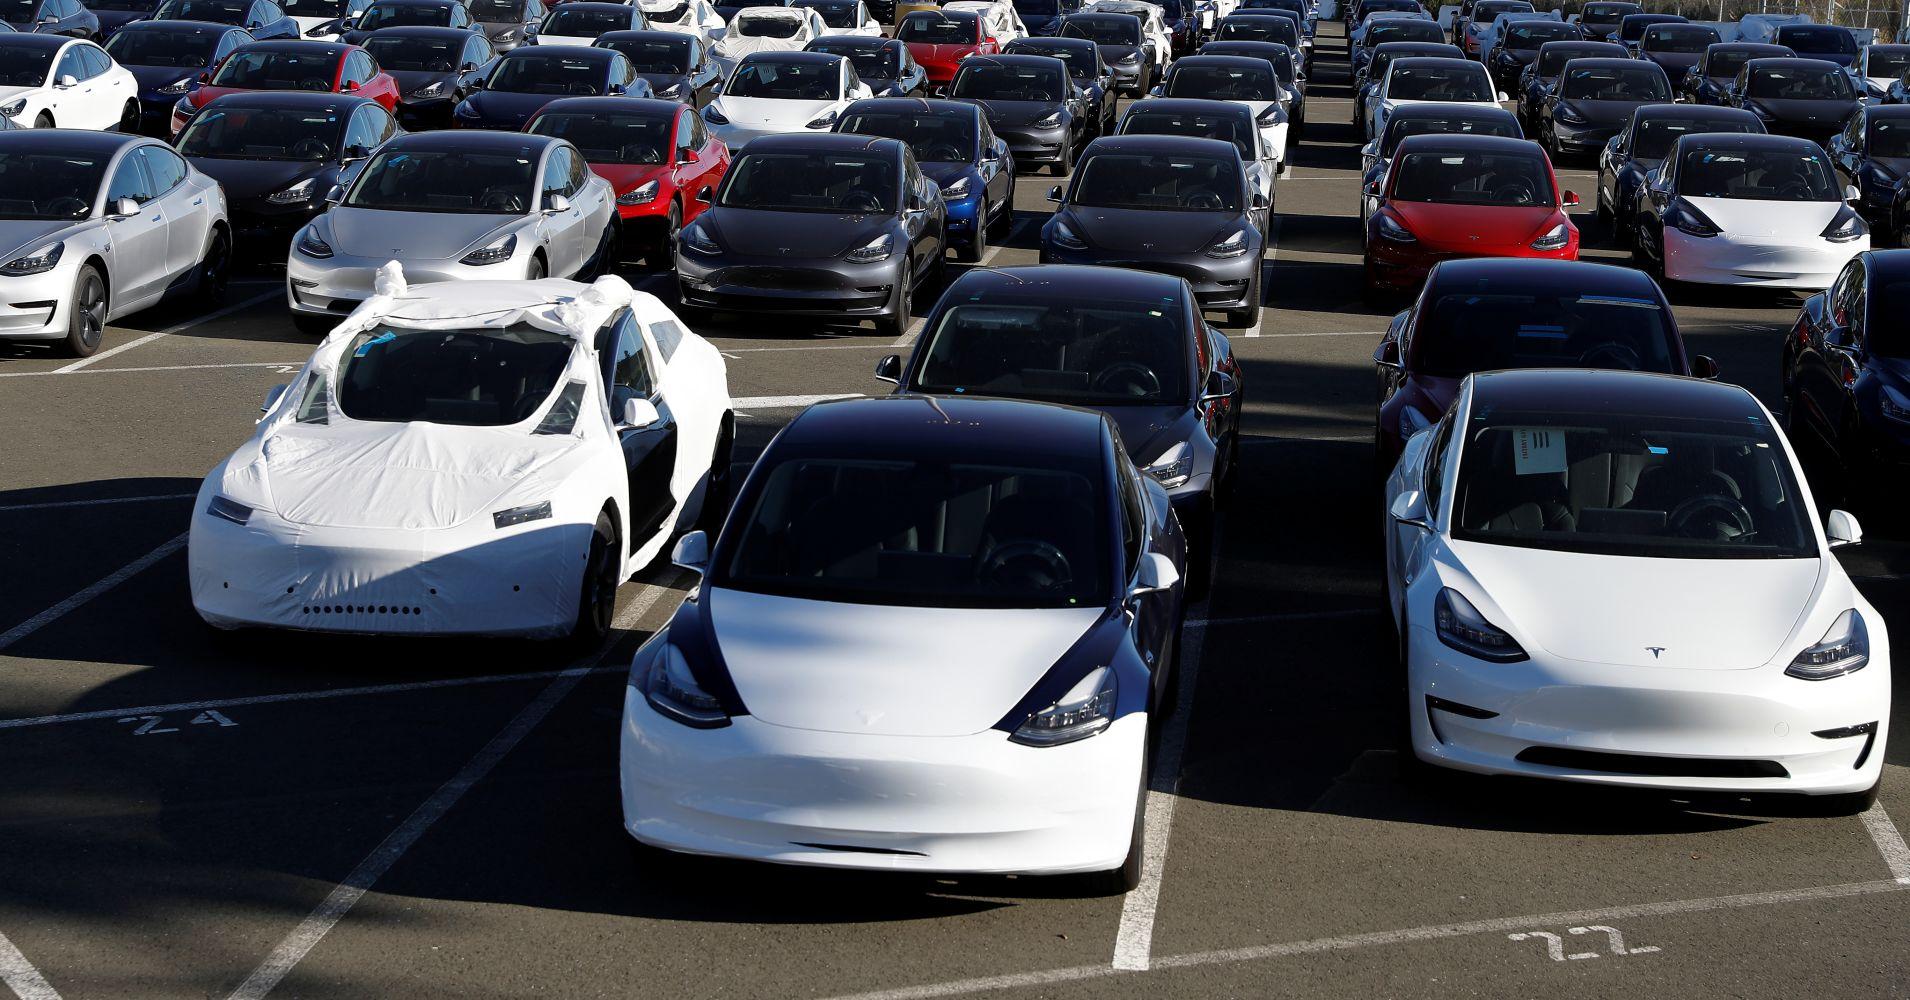 Смотрите видео: Увеличенный проход для встречного транспортного средства